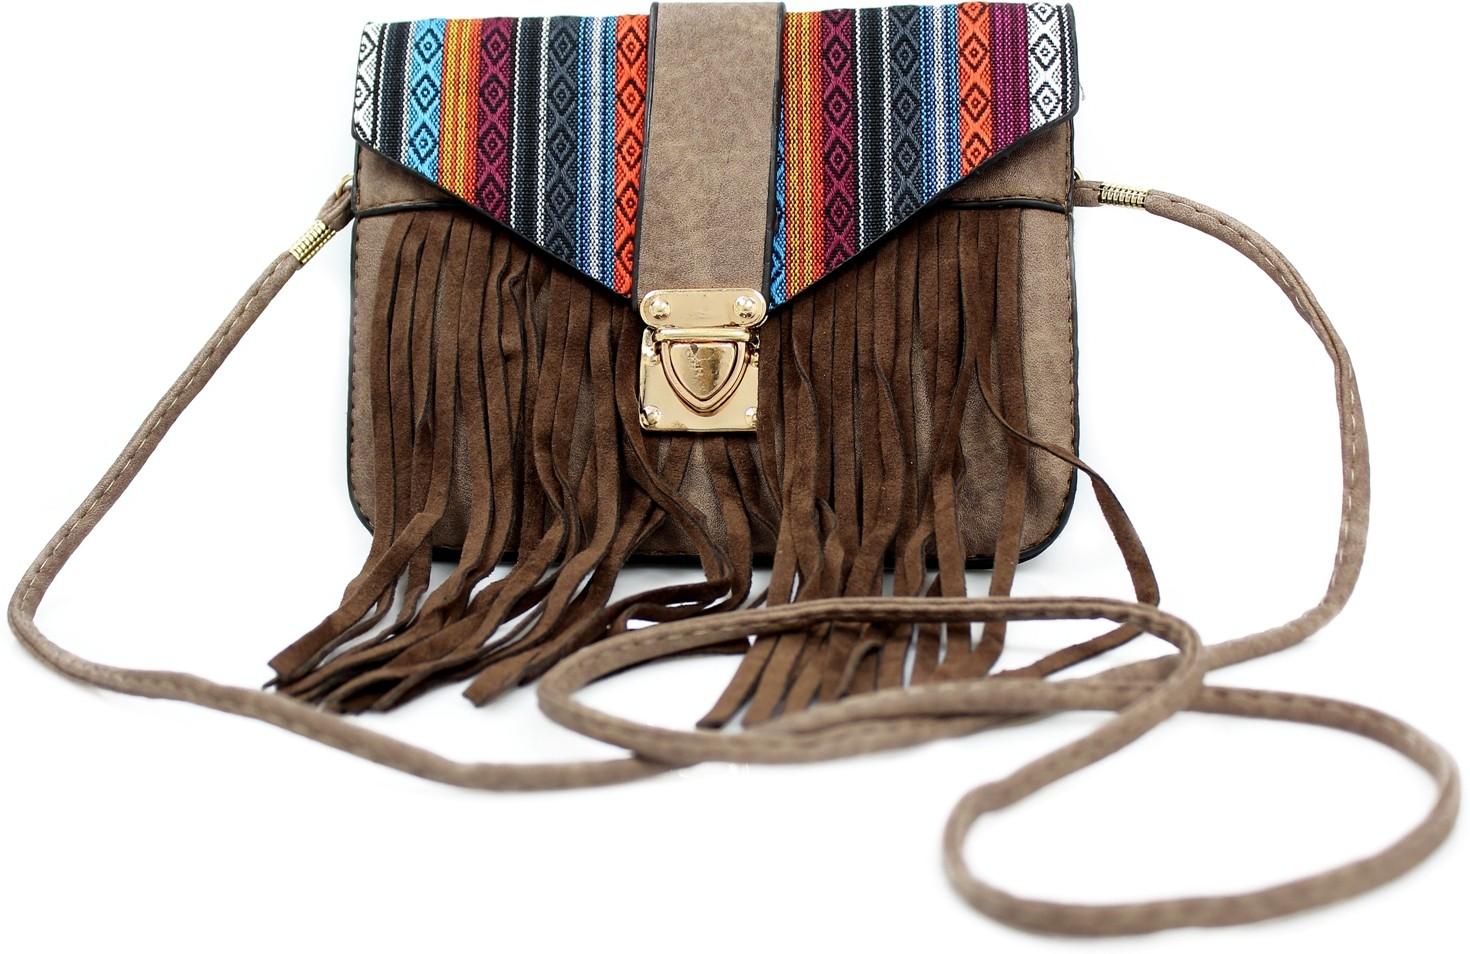 Sling bag below 500 - Hydes Girls Brown Leatherette Sling Bag